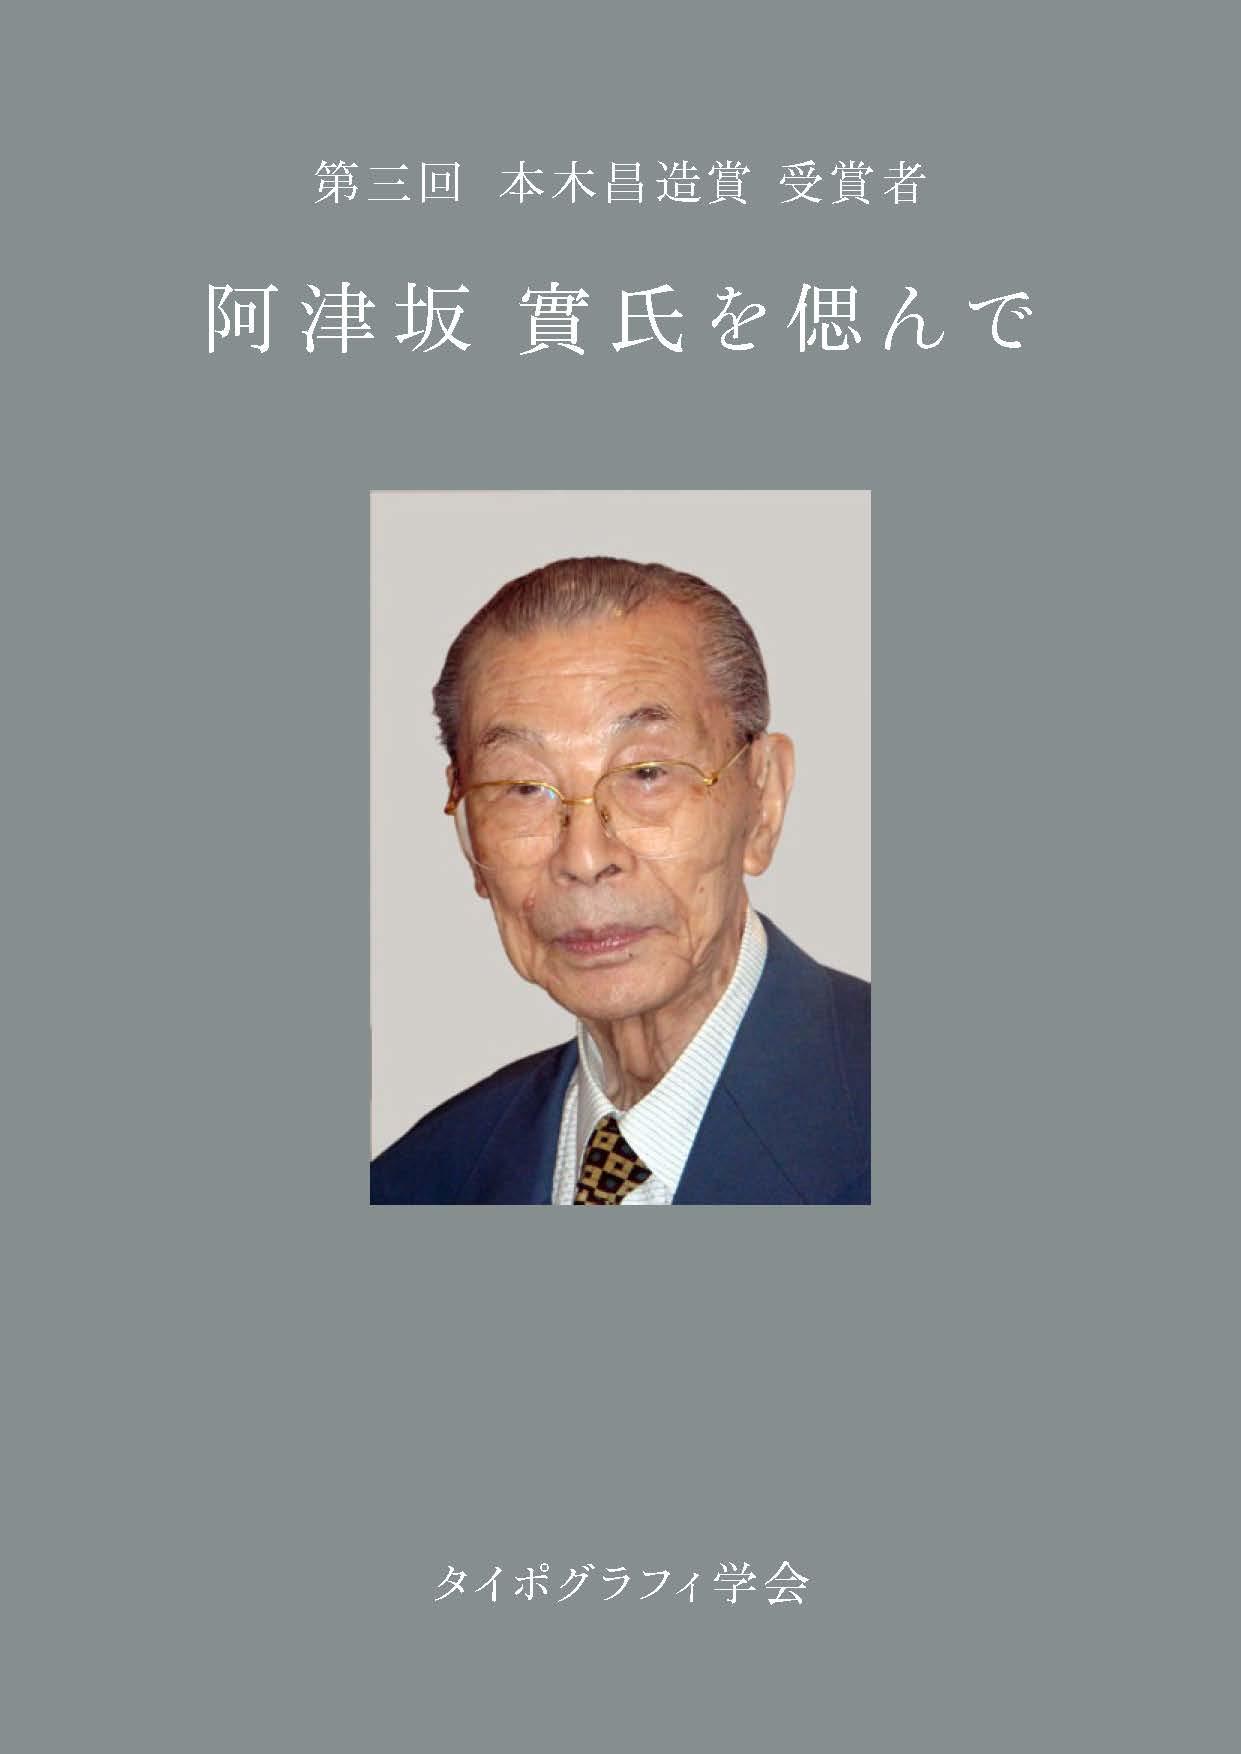 2015.9.19学会レクチャー_ページ_01